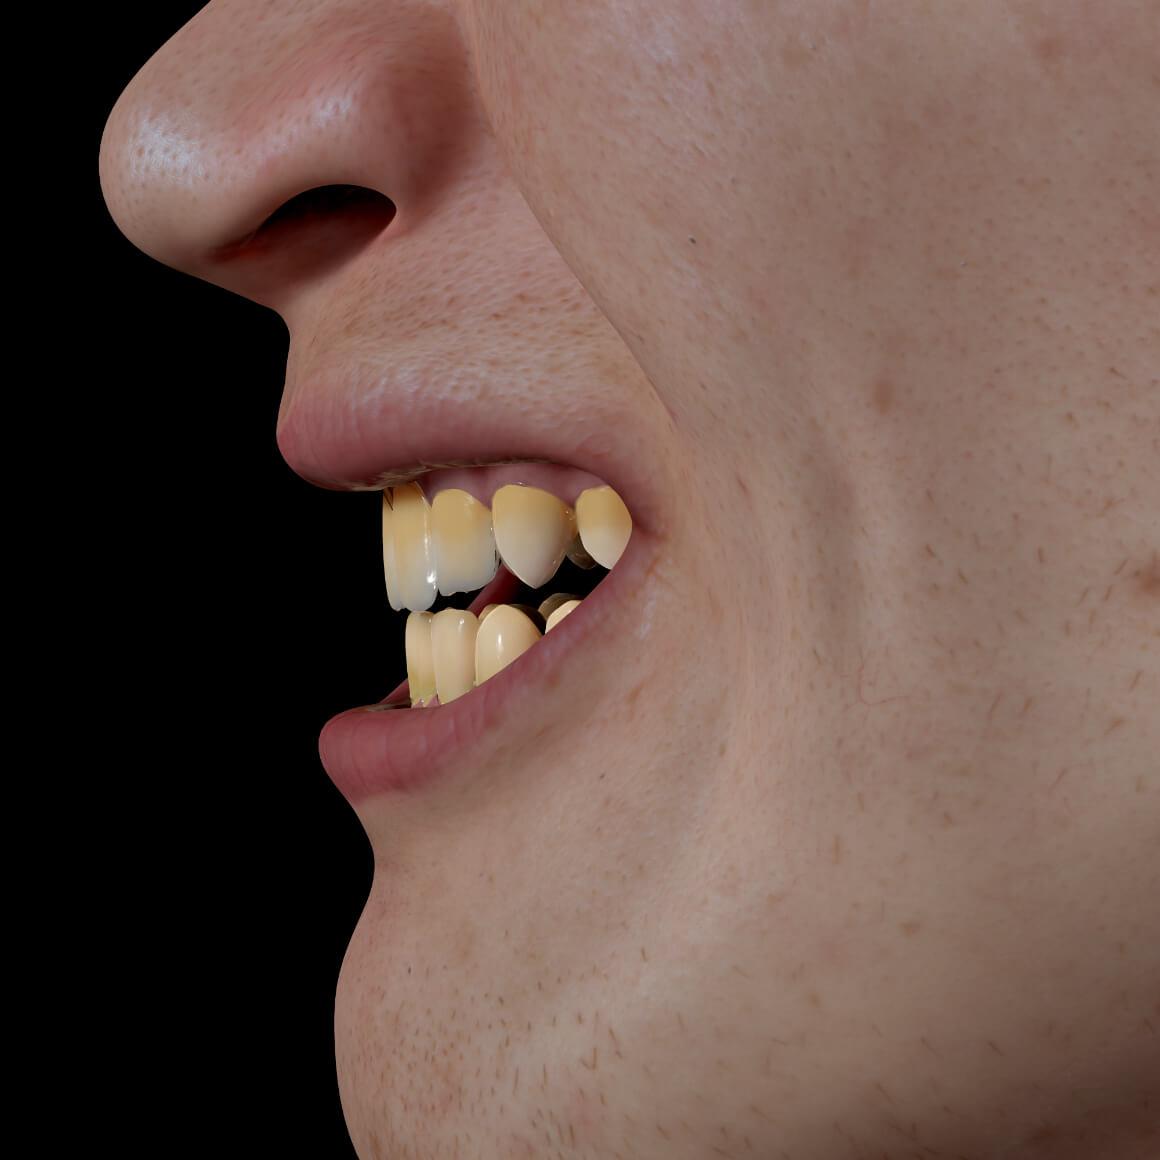 Sourire d'un patient de la Clinique Chloé positionné de côté démontrant des dents jaunes